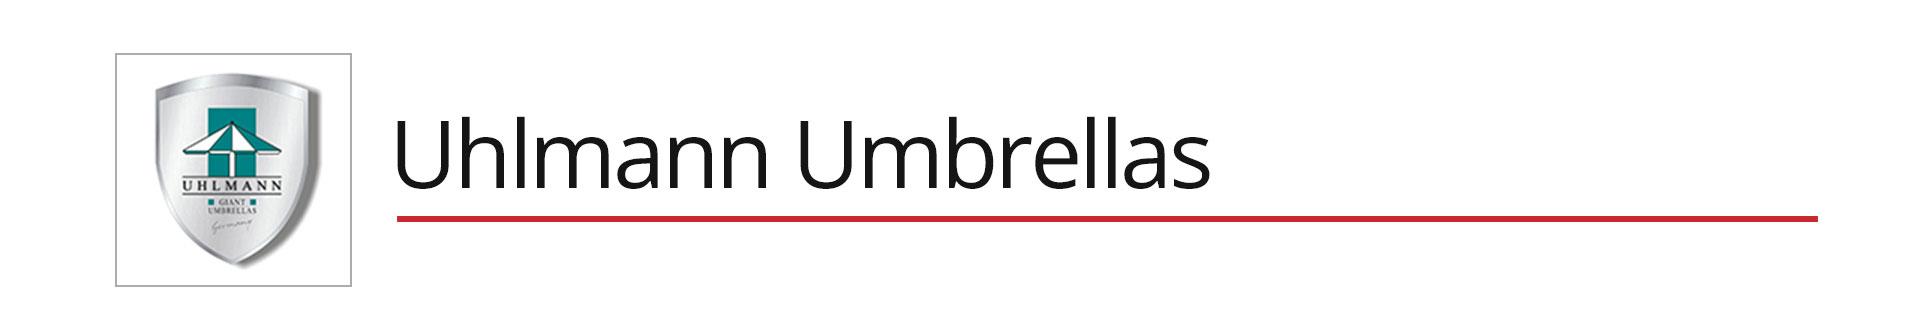 Uhlmann-Umbrellas_CADBlock-Header.jpg